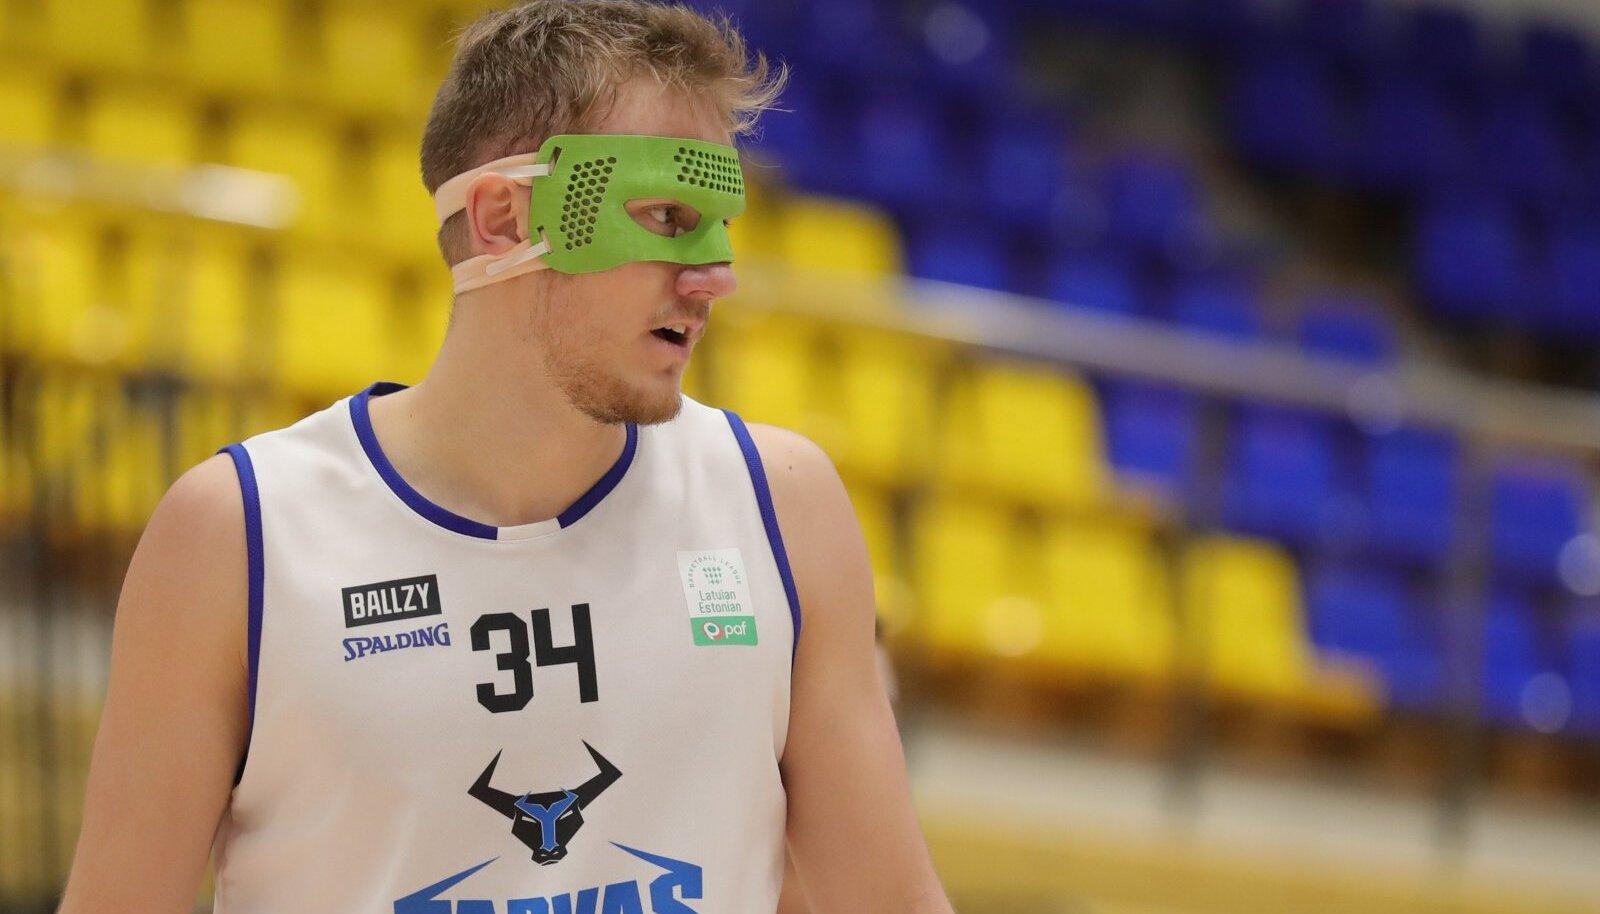 Viis nädalat tagasi TalTechiga kohtumises koljuluu murru saanud Tarva ääremängija Tormi Niits on juba platsil tagasi.